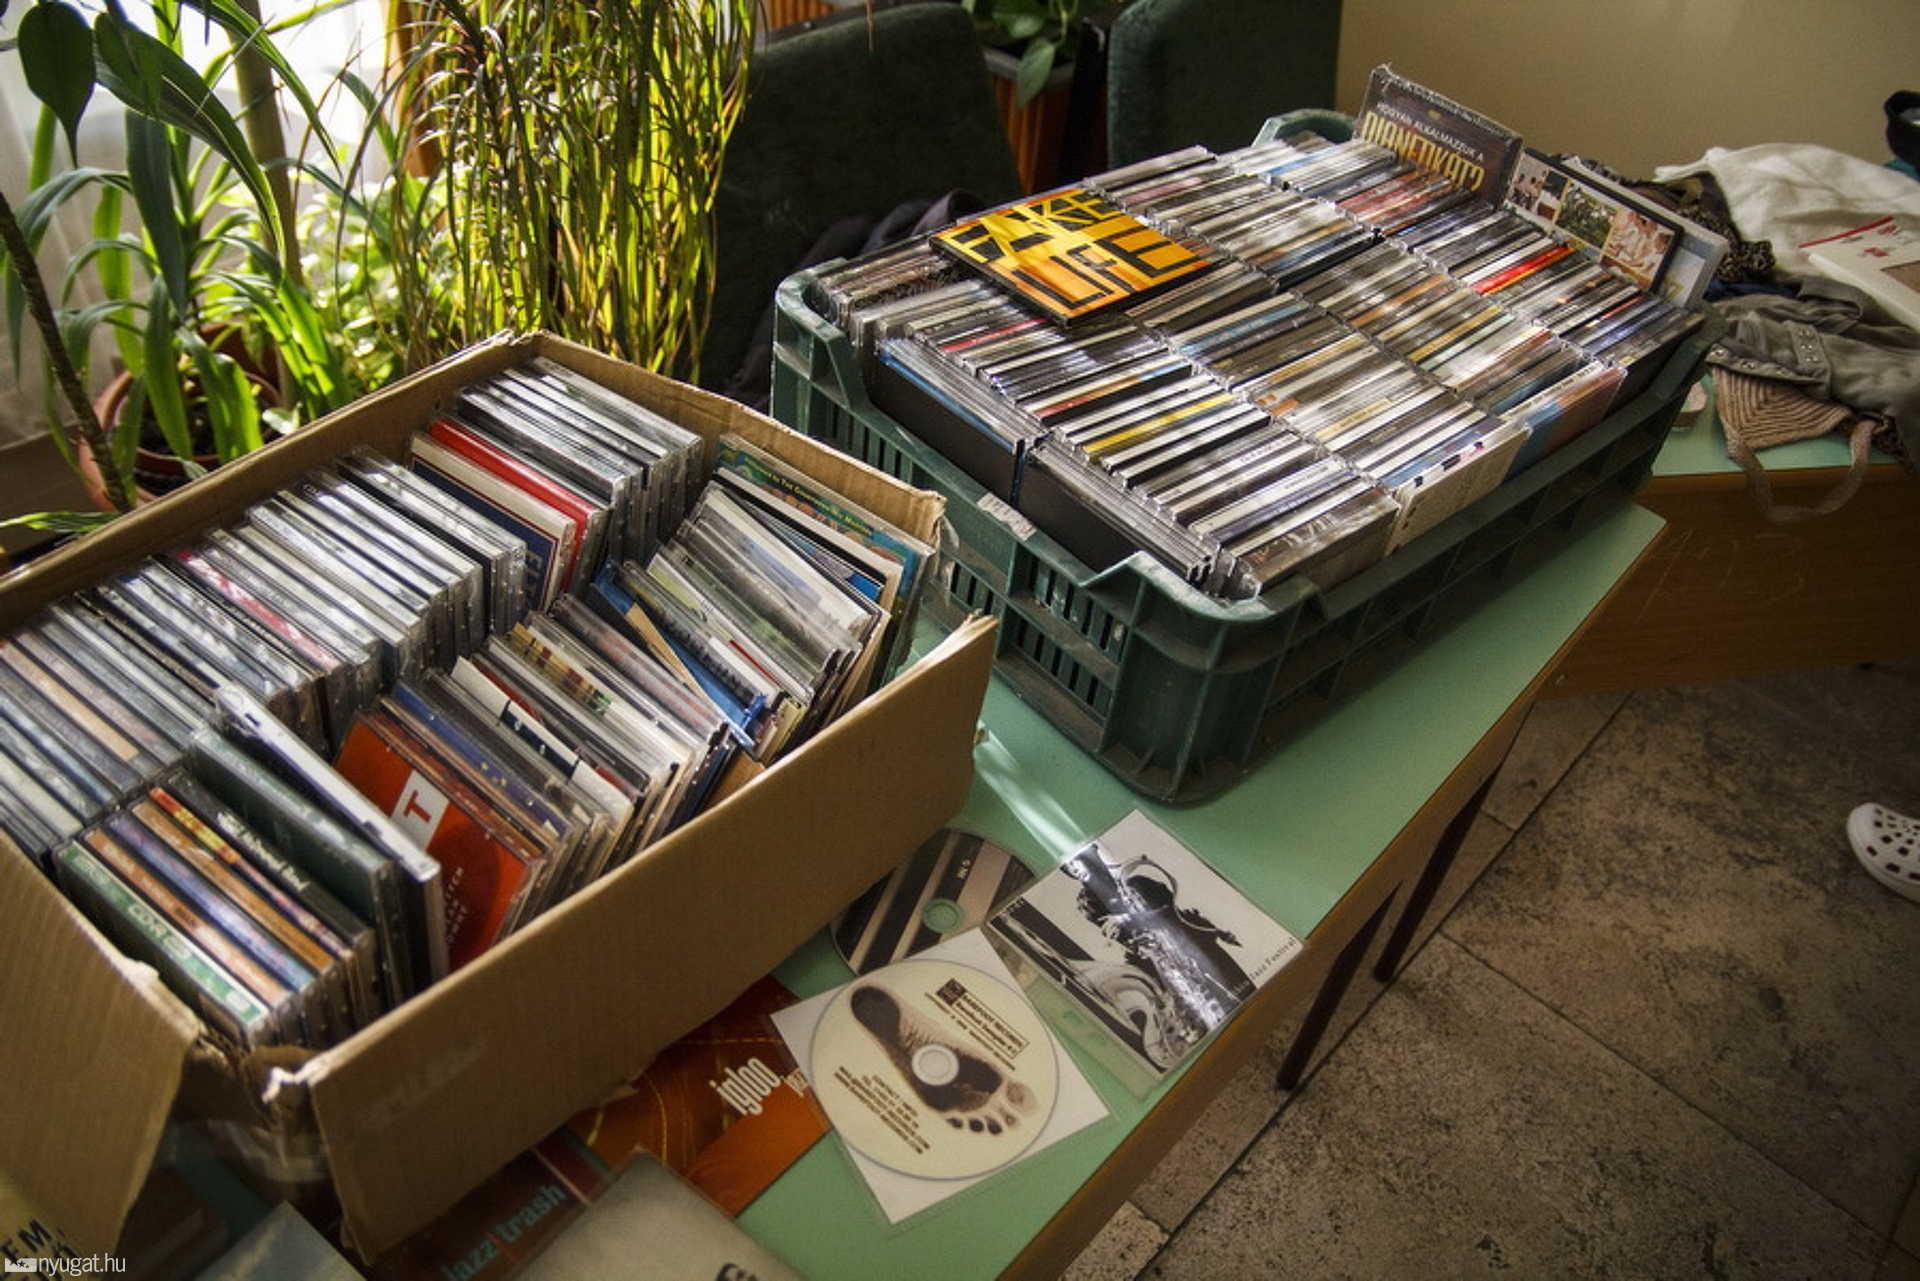 Ekkora gyűjteményem nincs, habár a szüleim rejtegetnek egy-két ilyen dobozt a padláson